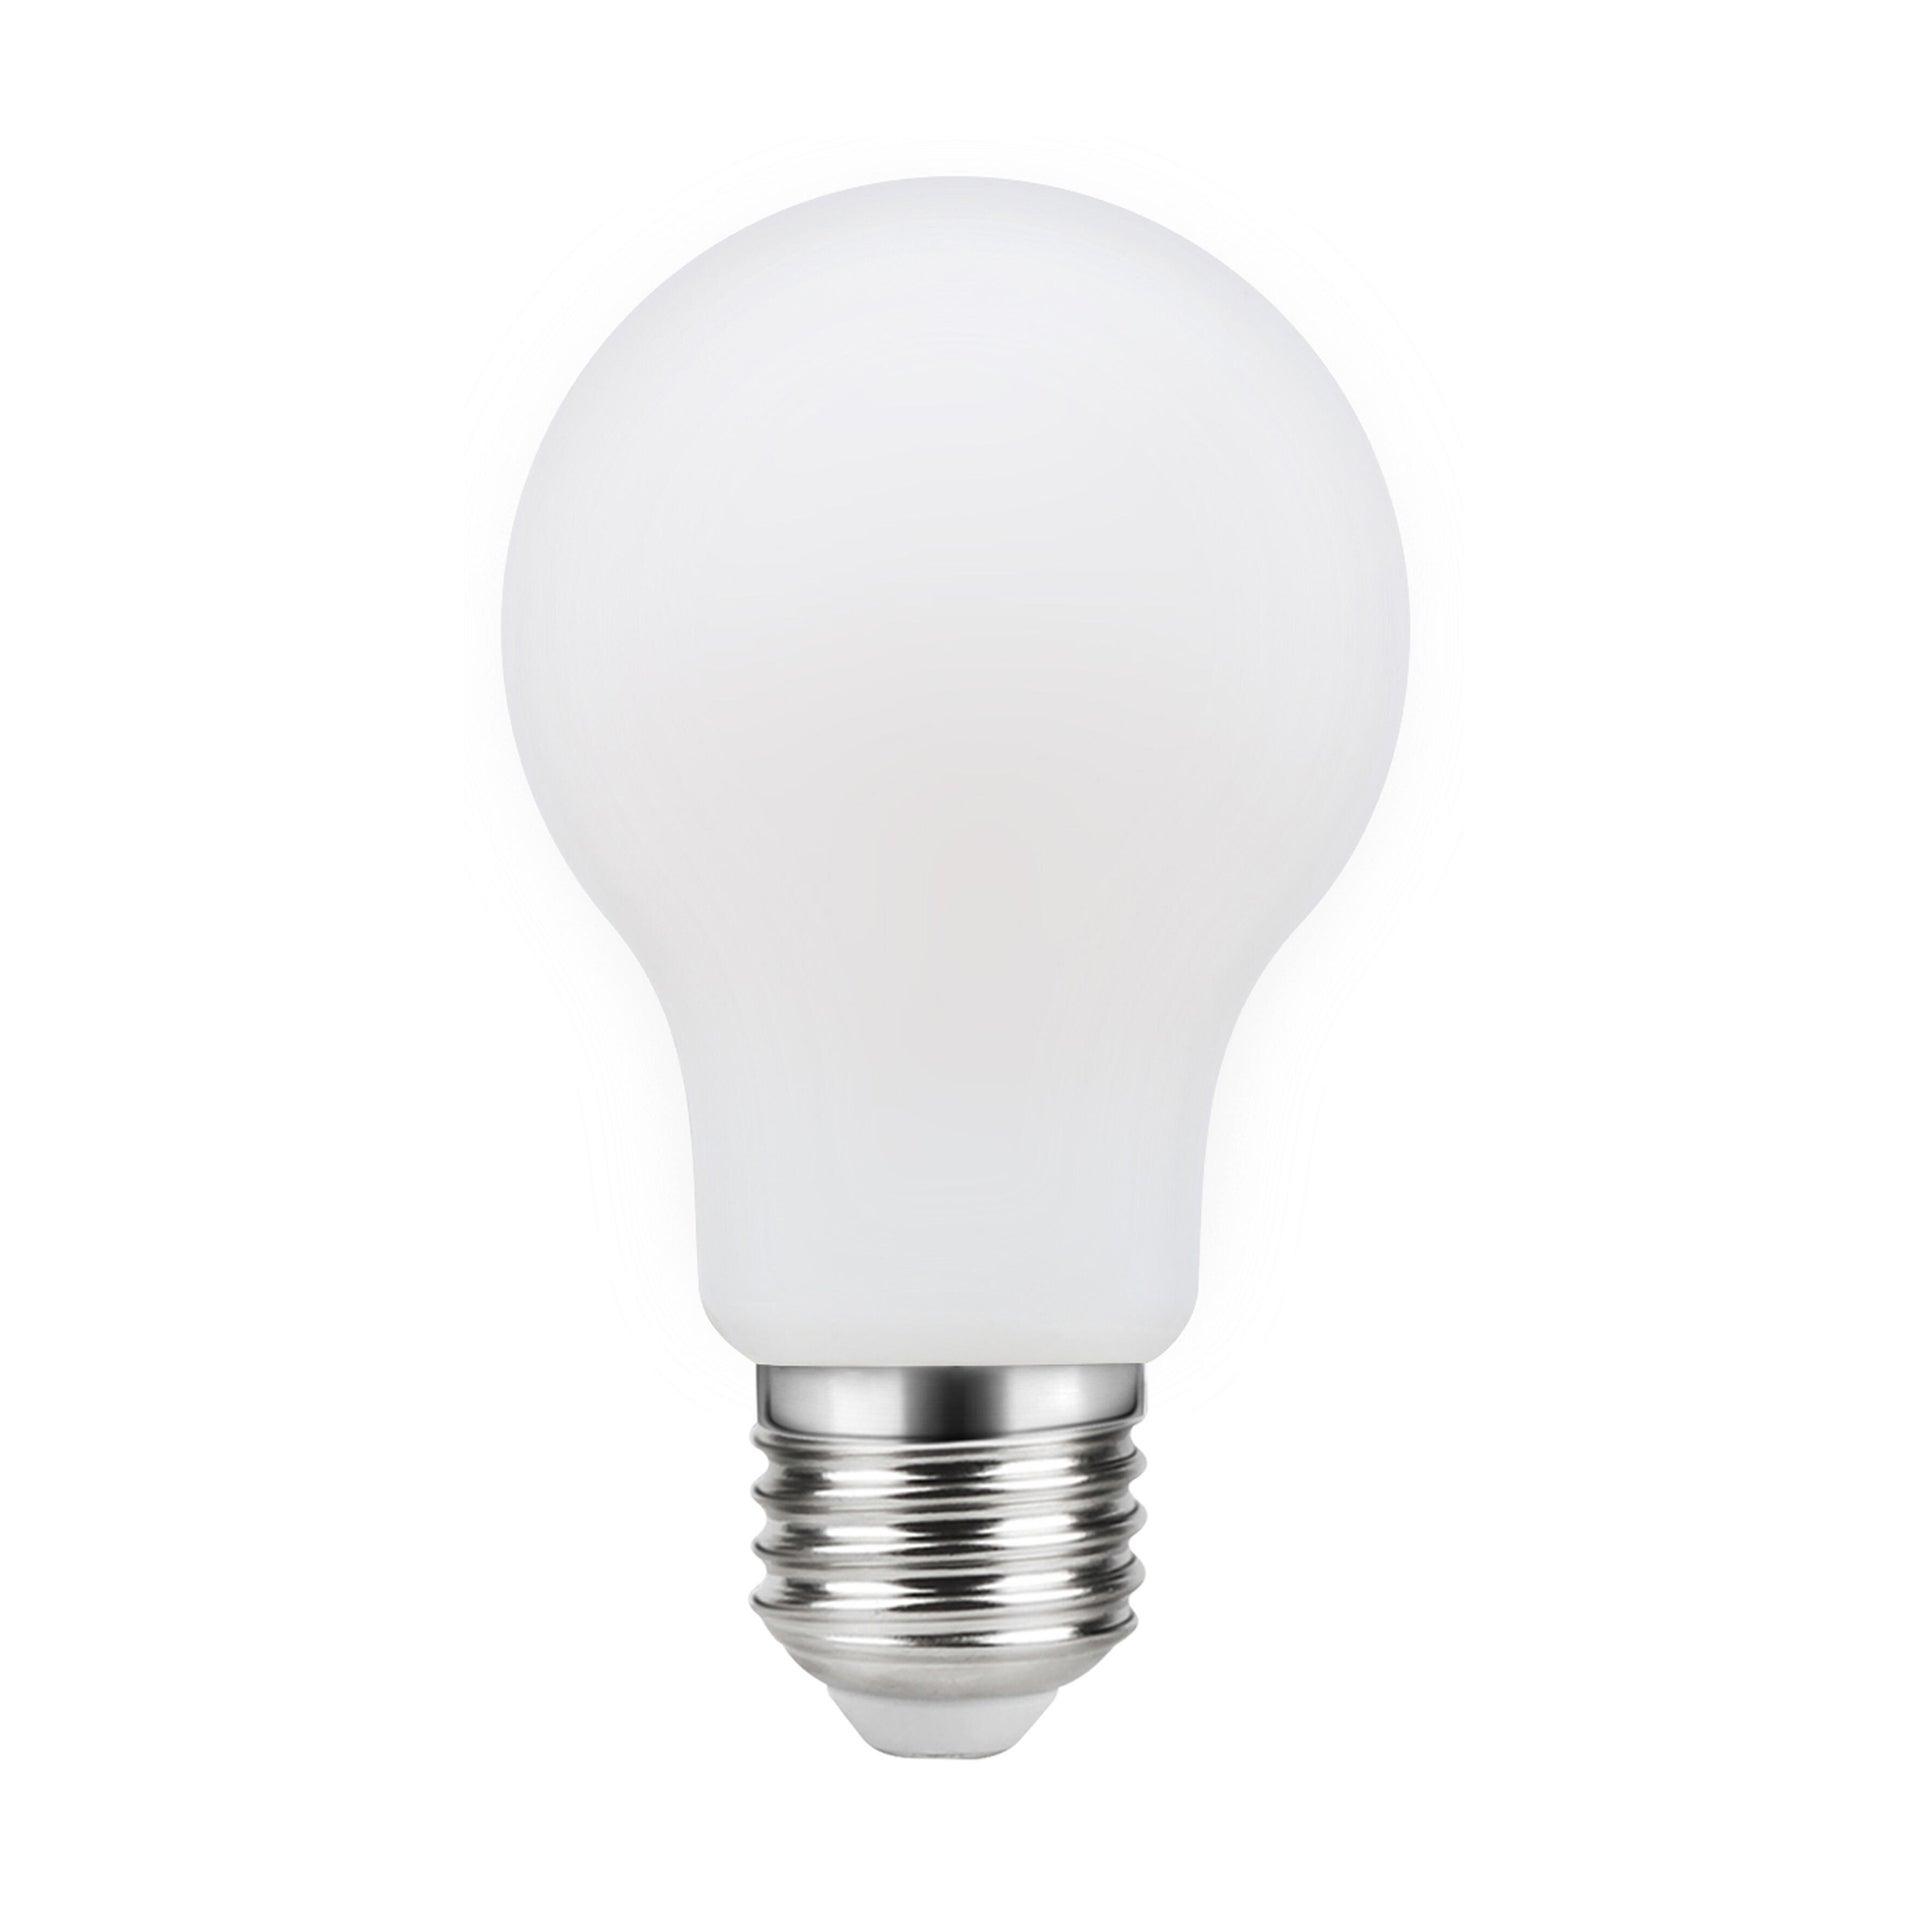 Lampadina LED filamento, E27, Goccia, Opaco, Luce naturale, 10W=1055LM (equiv 75 W), 360° , LEXMAN - 1